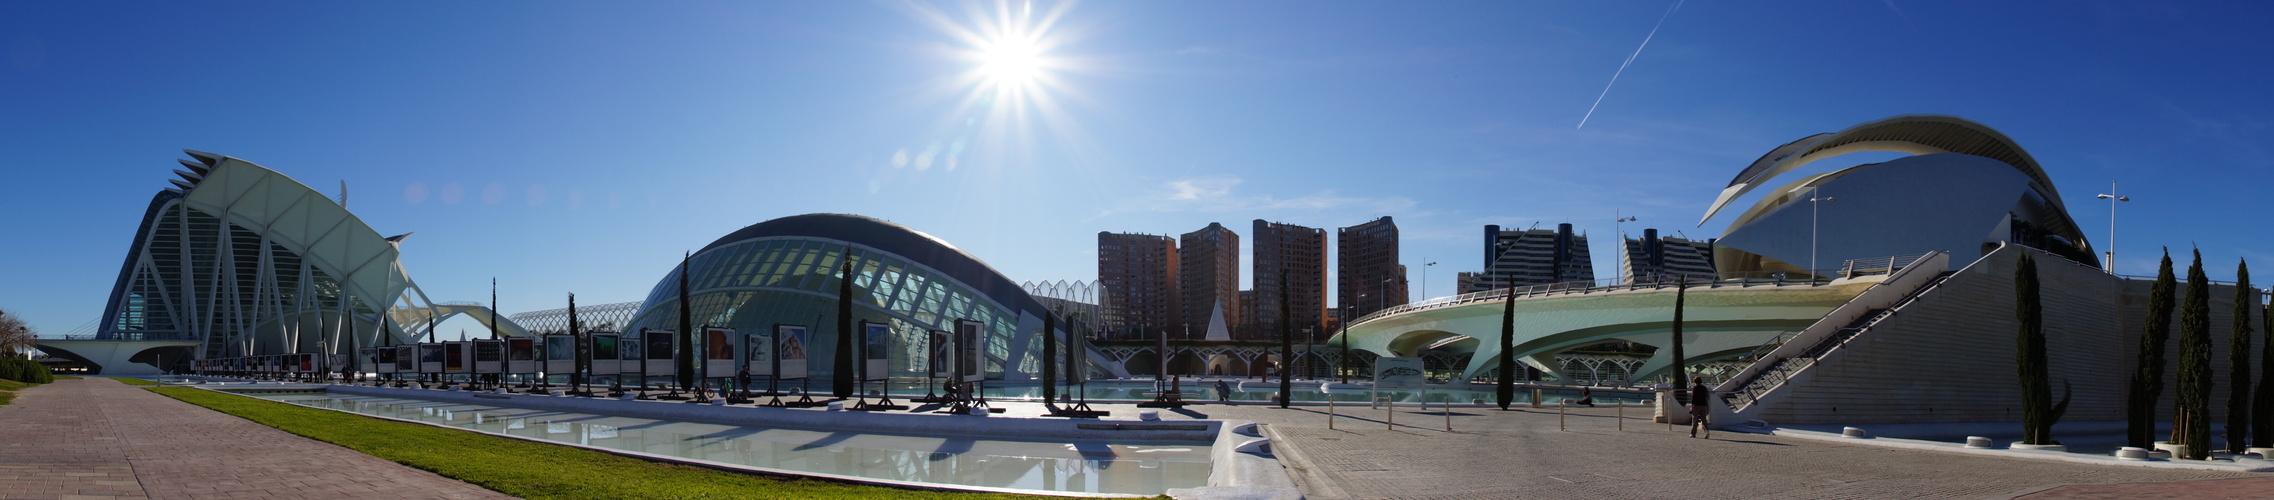 panoramica-ciudad-artes-y-ciencias-fd05336a-7352-4725-89a2-eacfd2b9c2d7